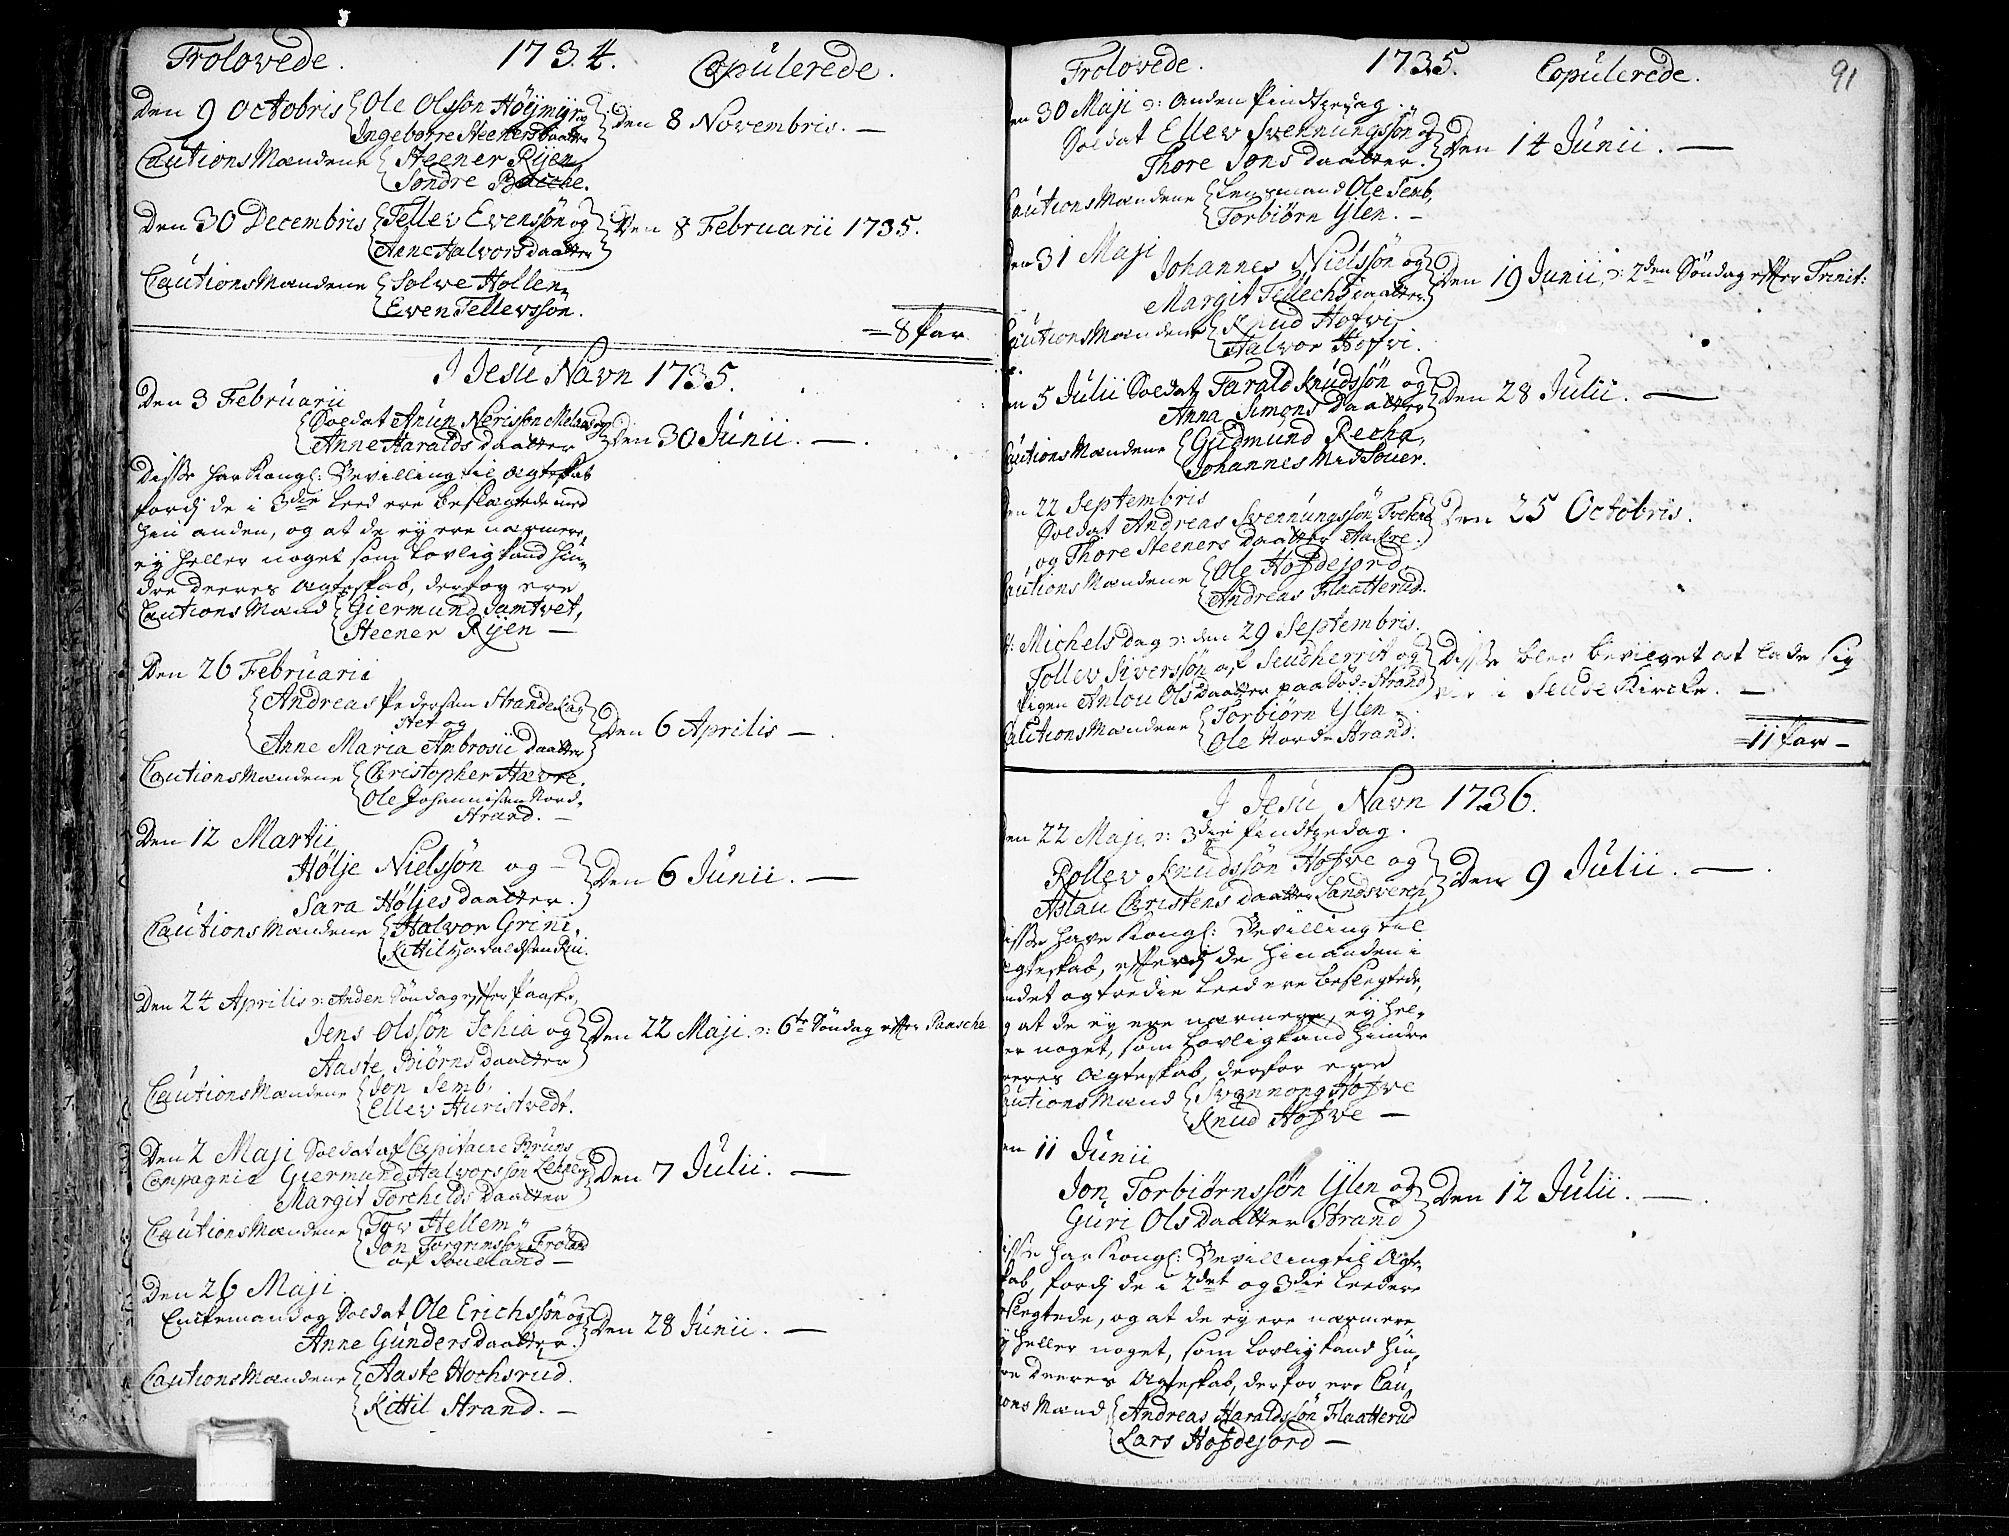 SAKO, Heddal kirkebøker, F/Fa/L0003: Ministerialbok nr. I 3, 1723-1783, s. 91